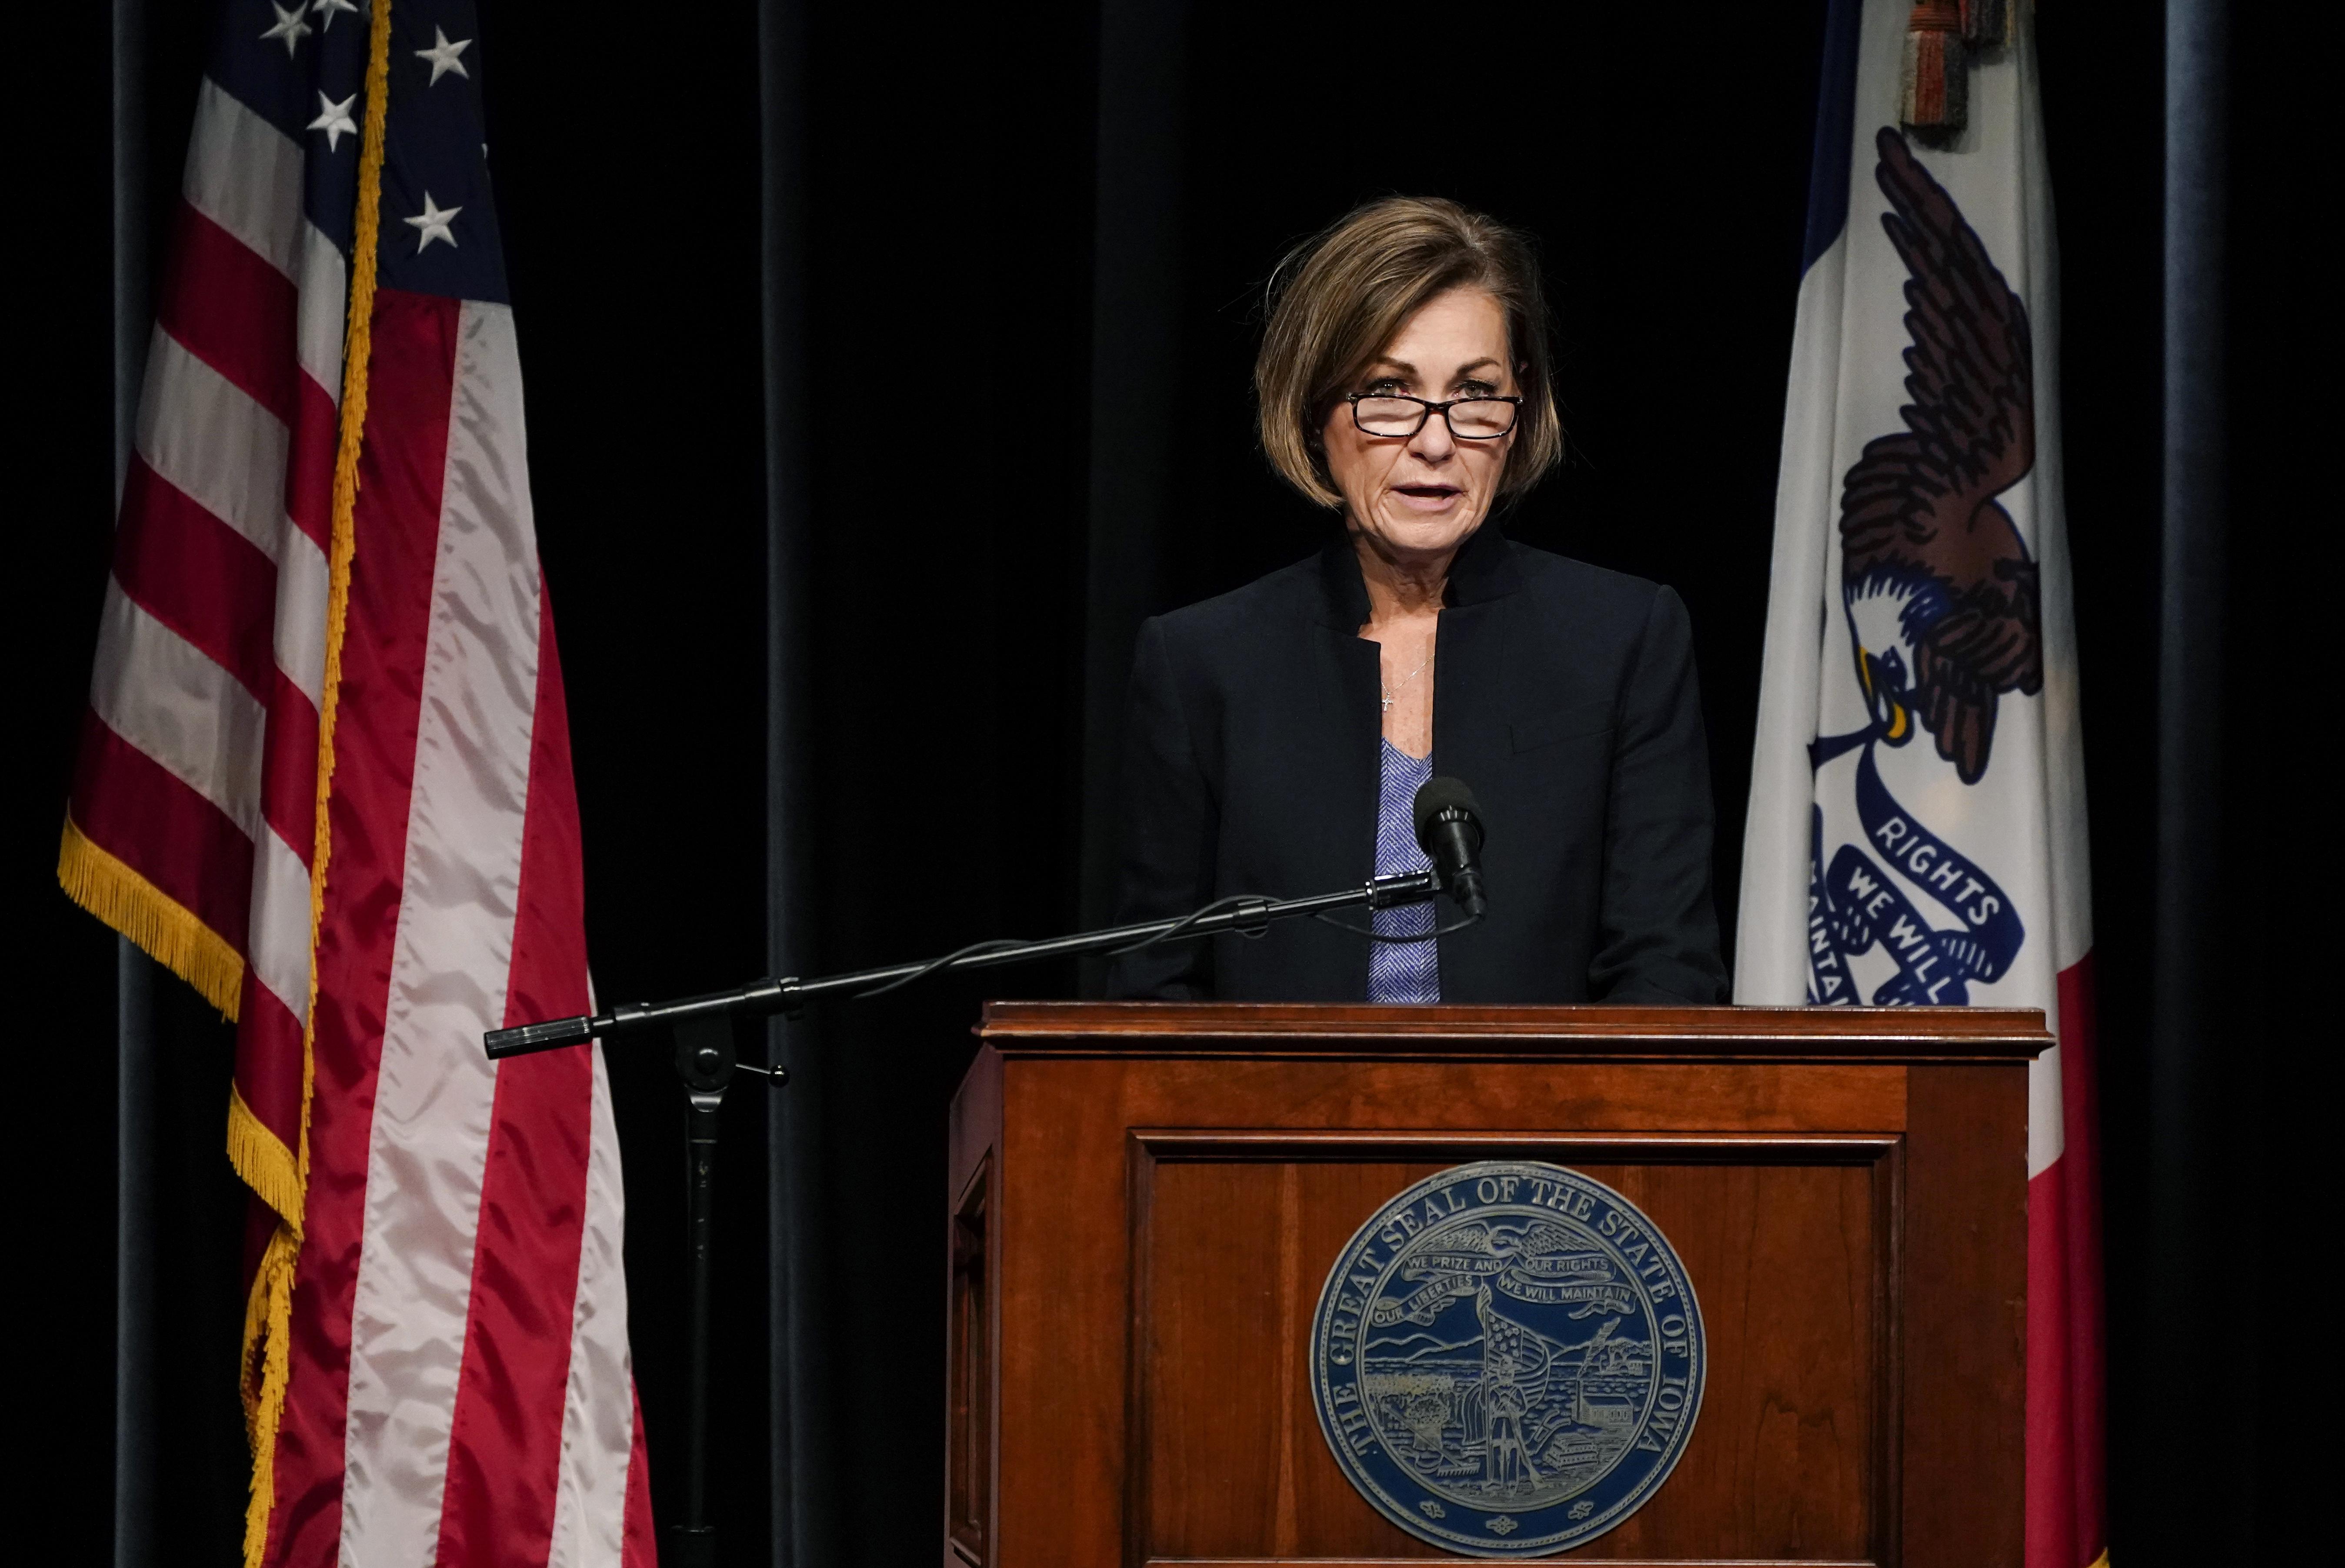 Iowa Governor Kim Reynolds COVID update